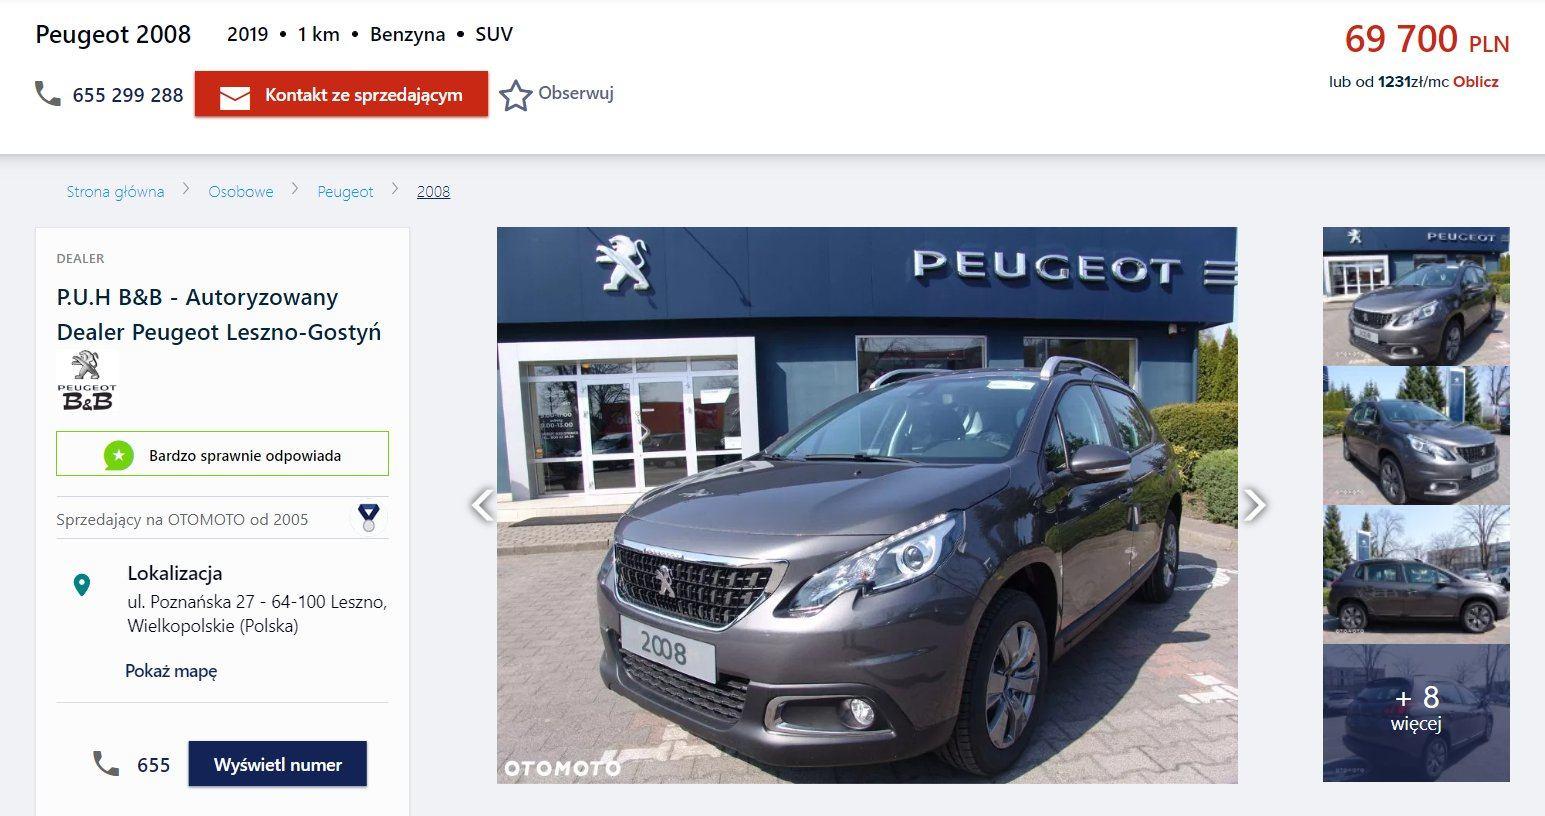 Oferta sprzedaży: Peugeot 2008, źródło: OtoMoto